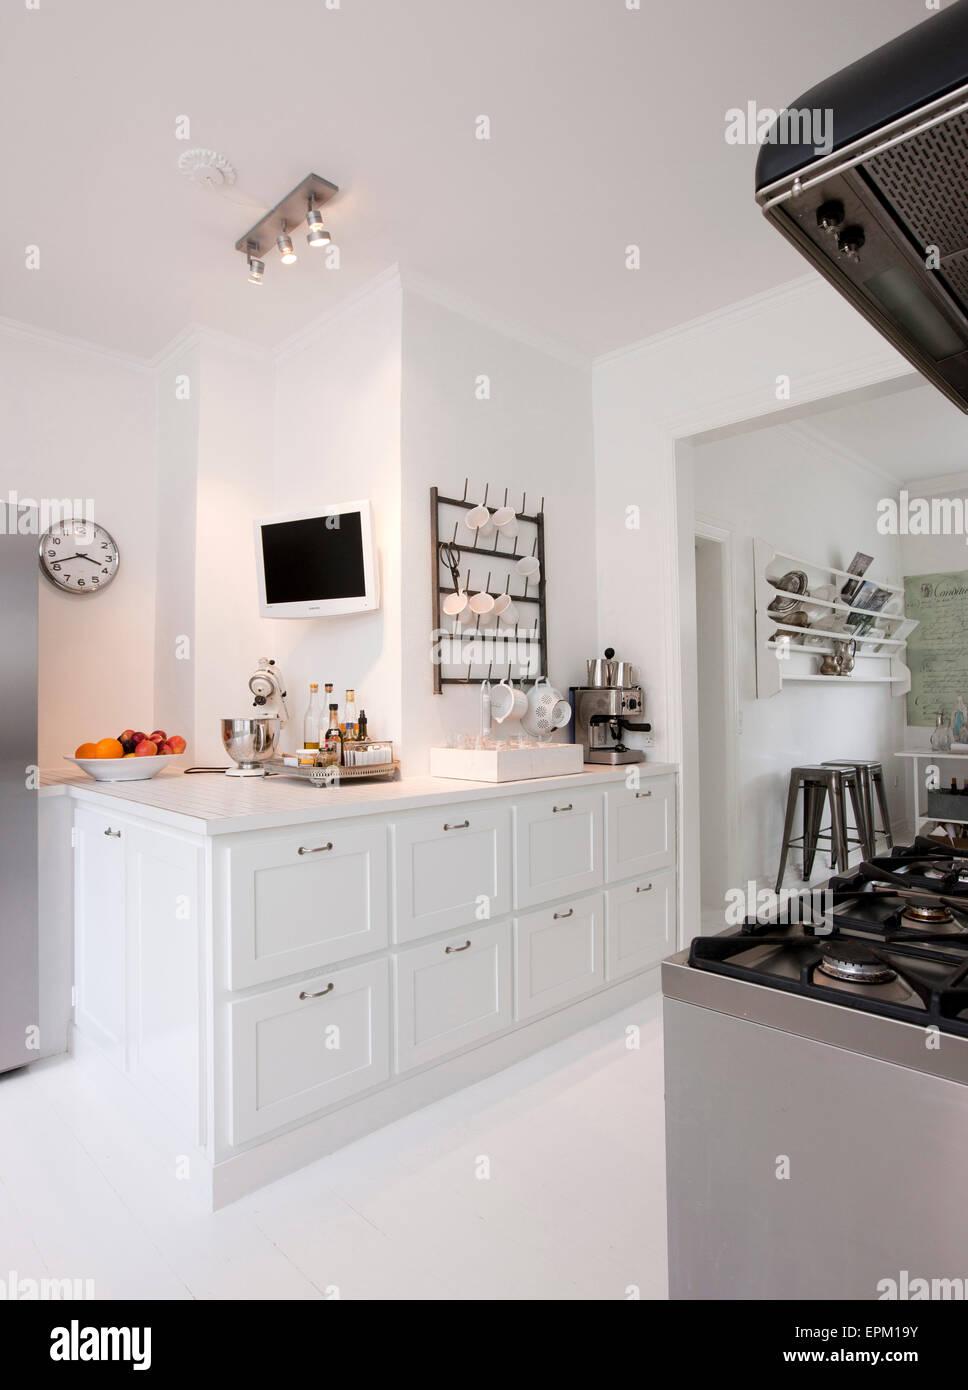 Cucina bianca con forno di gamma e montato a parete TV in Hanne ...